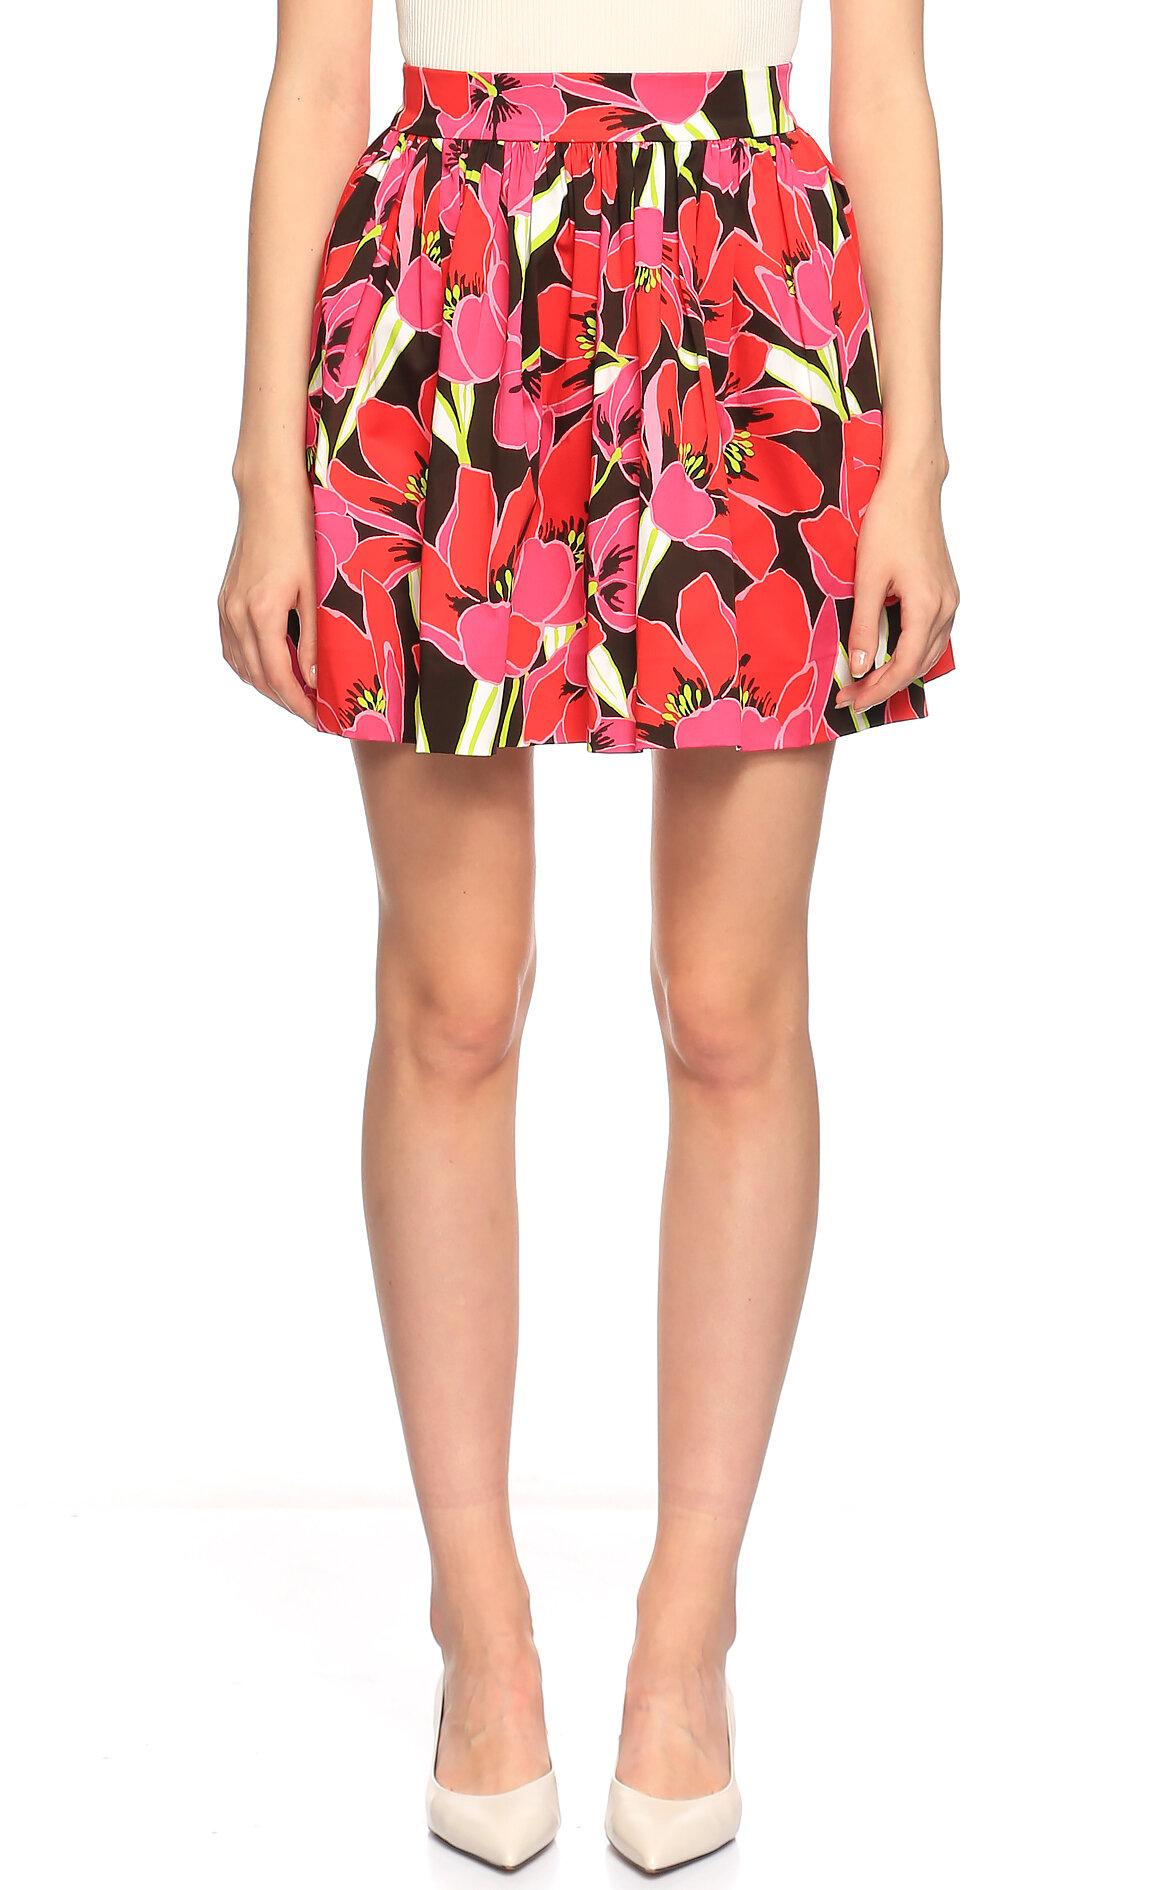 Kate Spade-Kate Spade Çiçek Desenli Çok Renkli Mini Etek